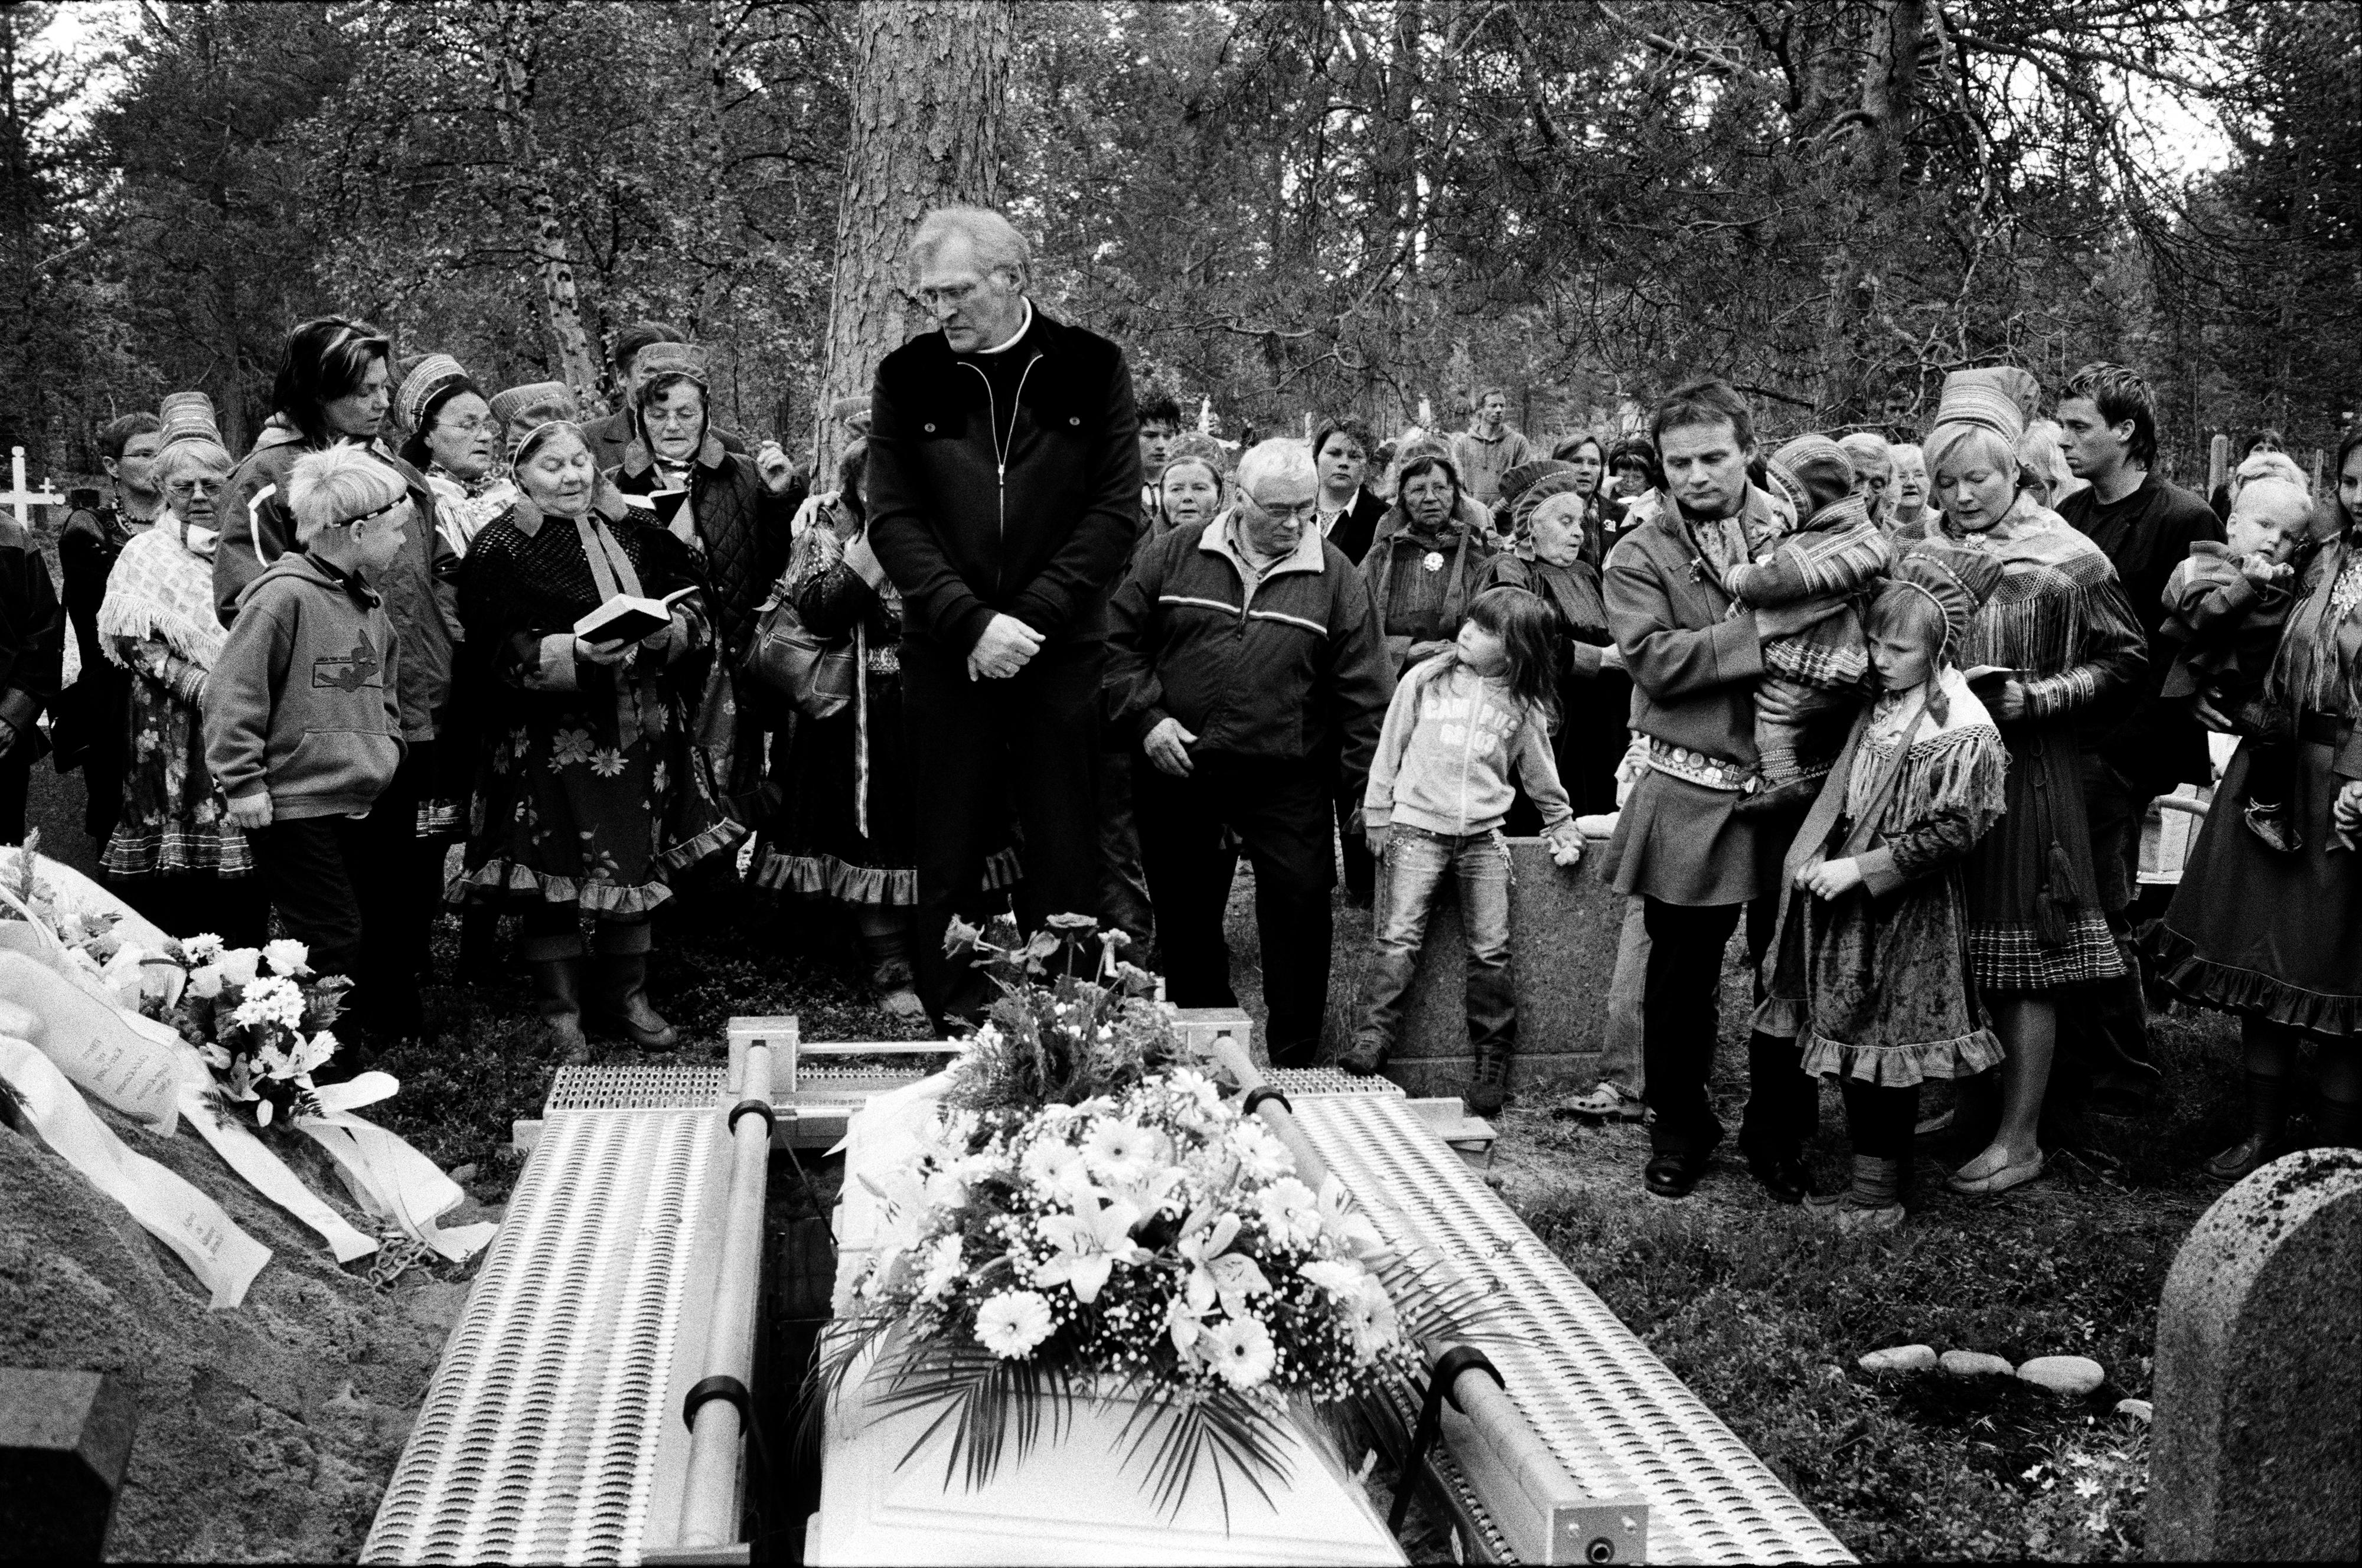 Les funérailles de Mathis Somby (courtoisie de Fred Ivar Utsi Klemetsen)